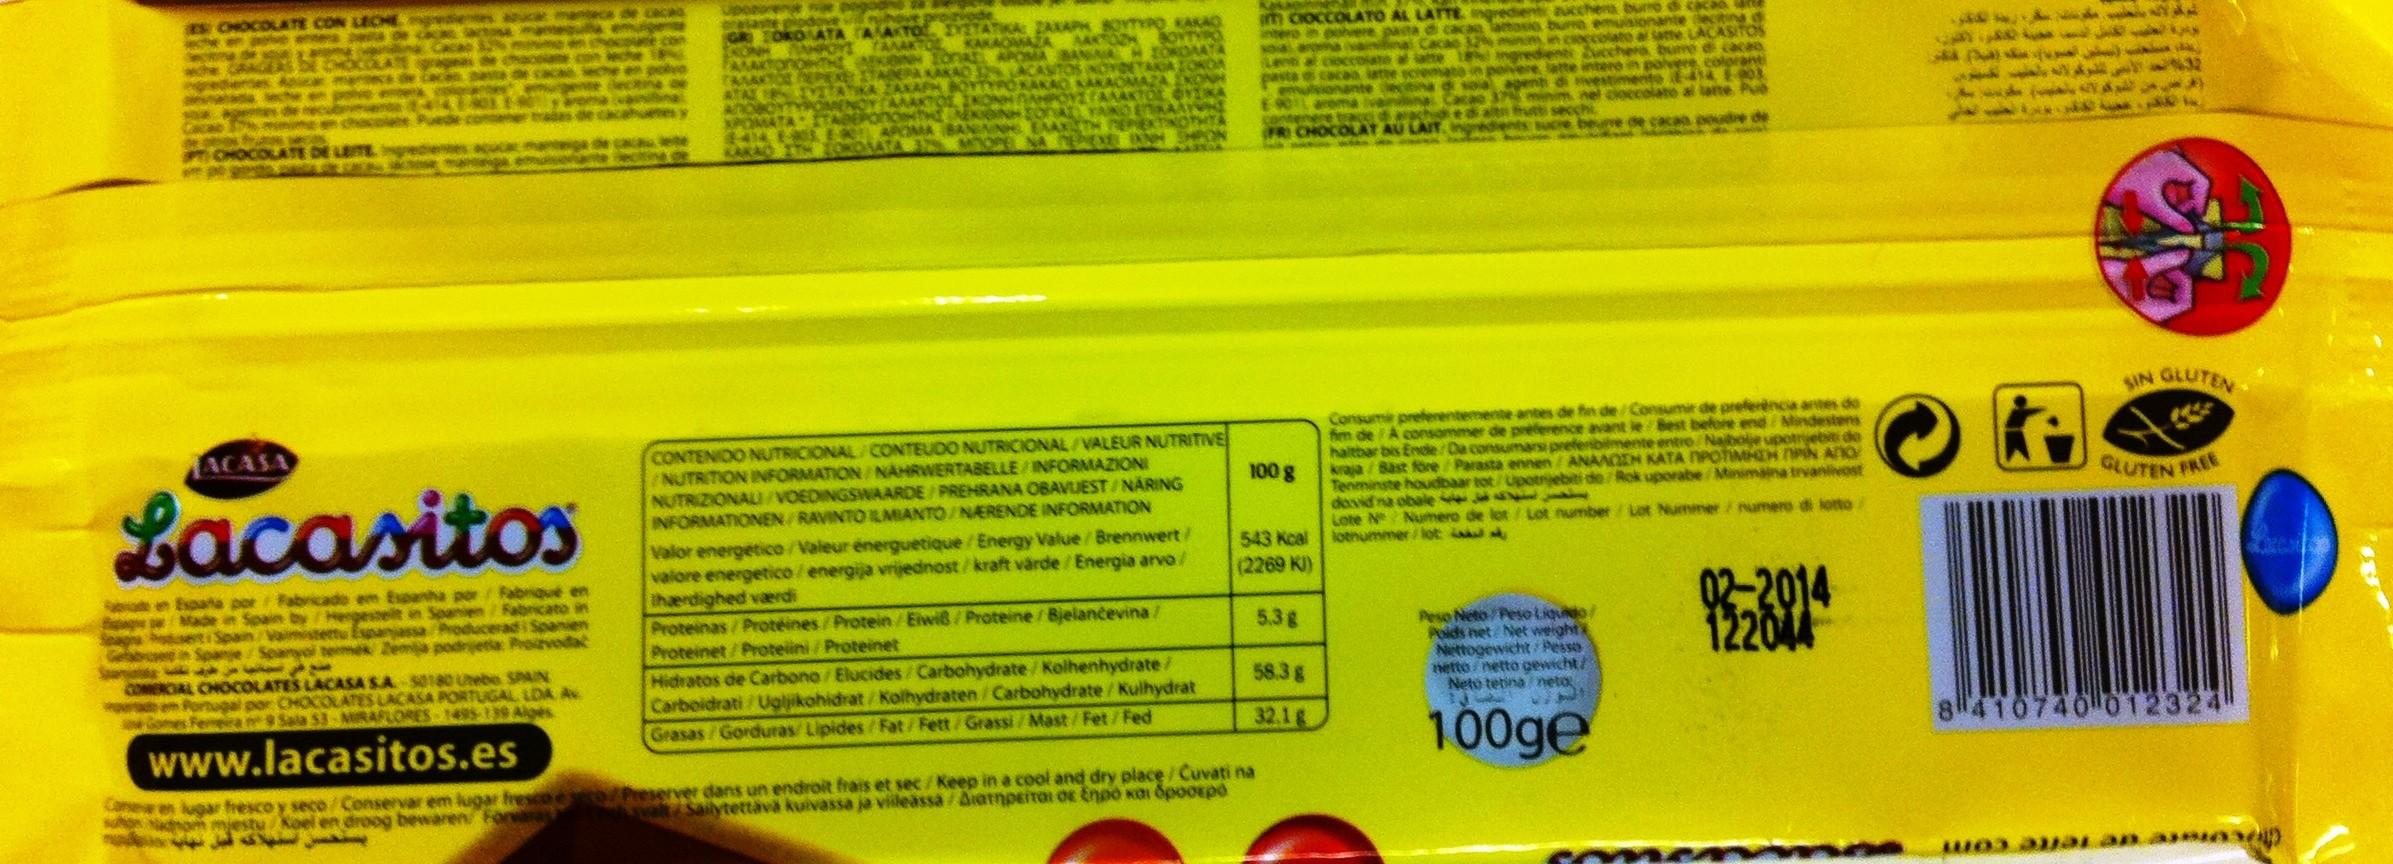 Etiqueta ilegible alimentos